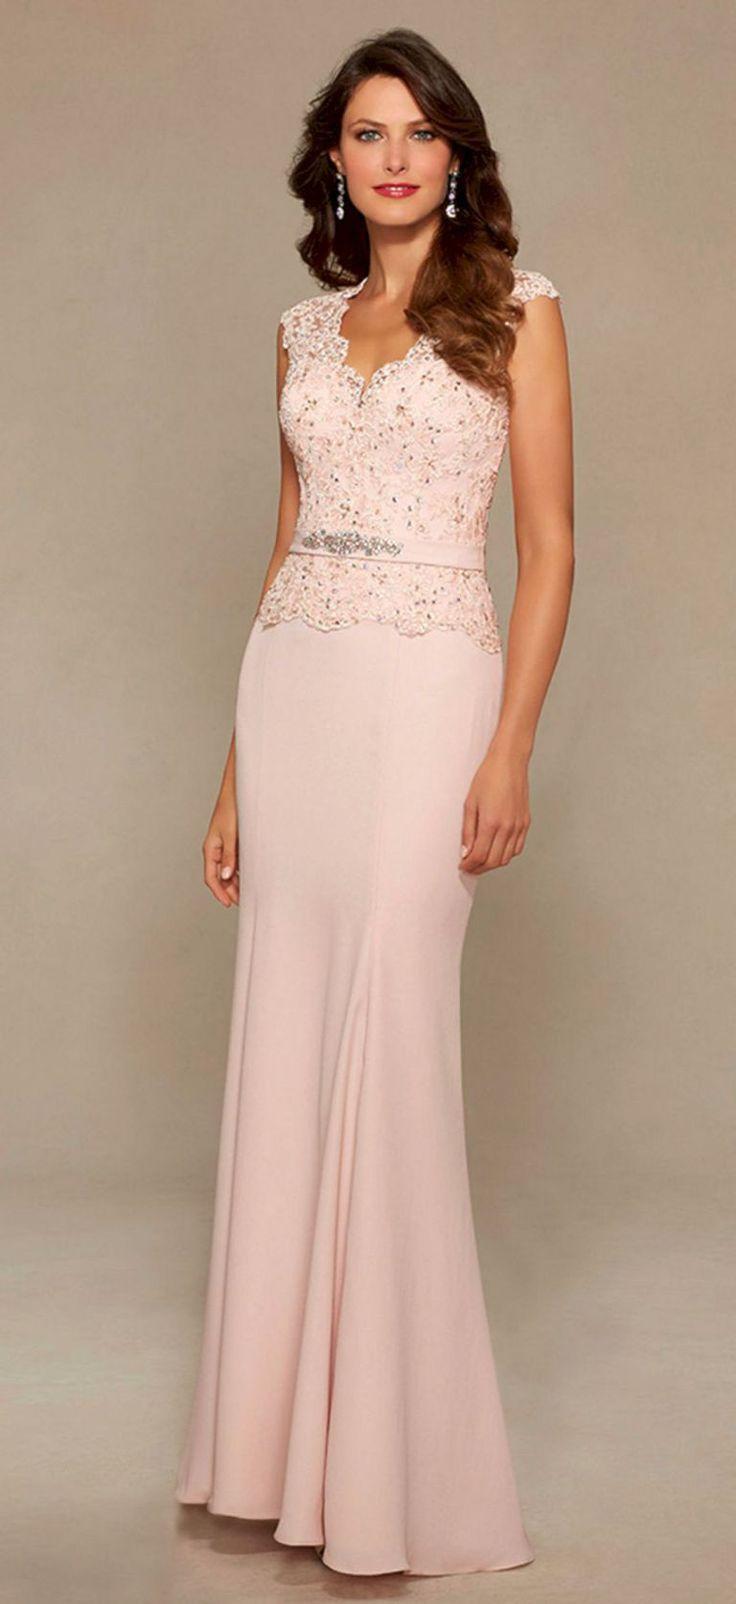 Mejores 50 imágenes de Vestidos de Gala en Pinterest | Vestidos de ...